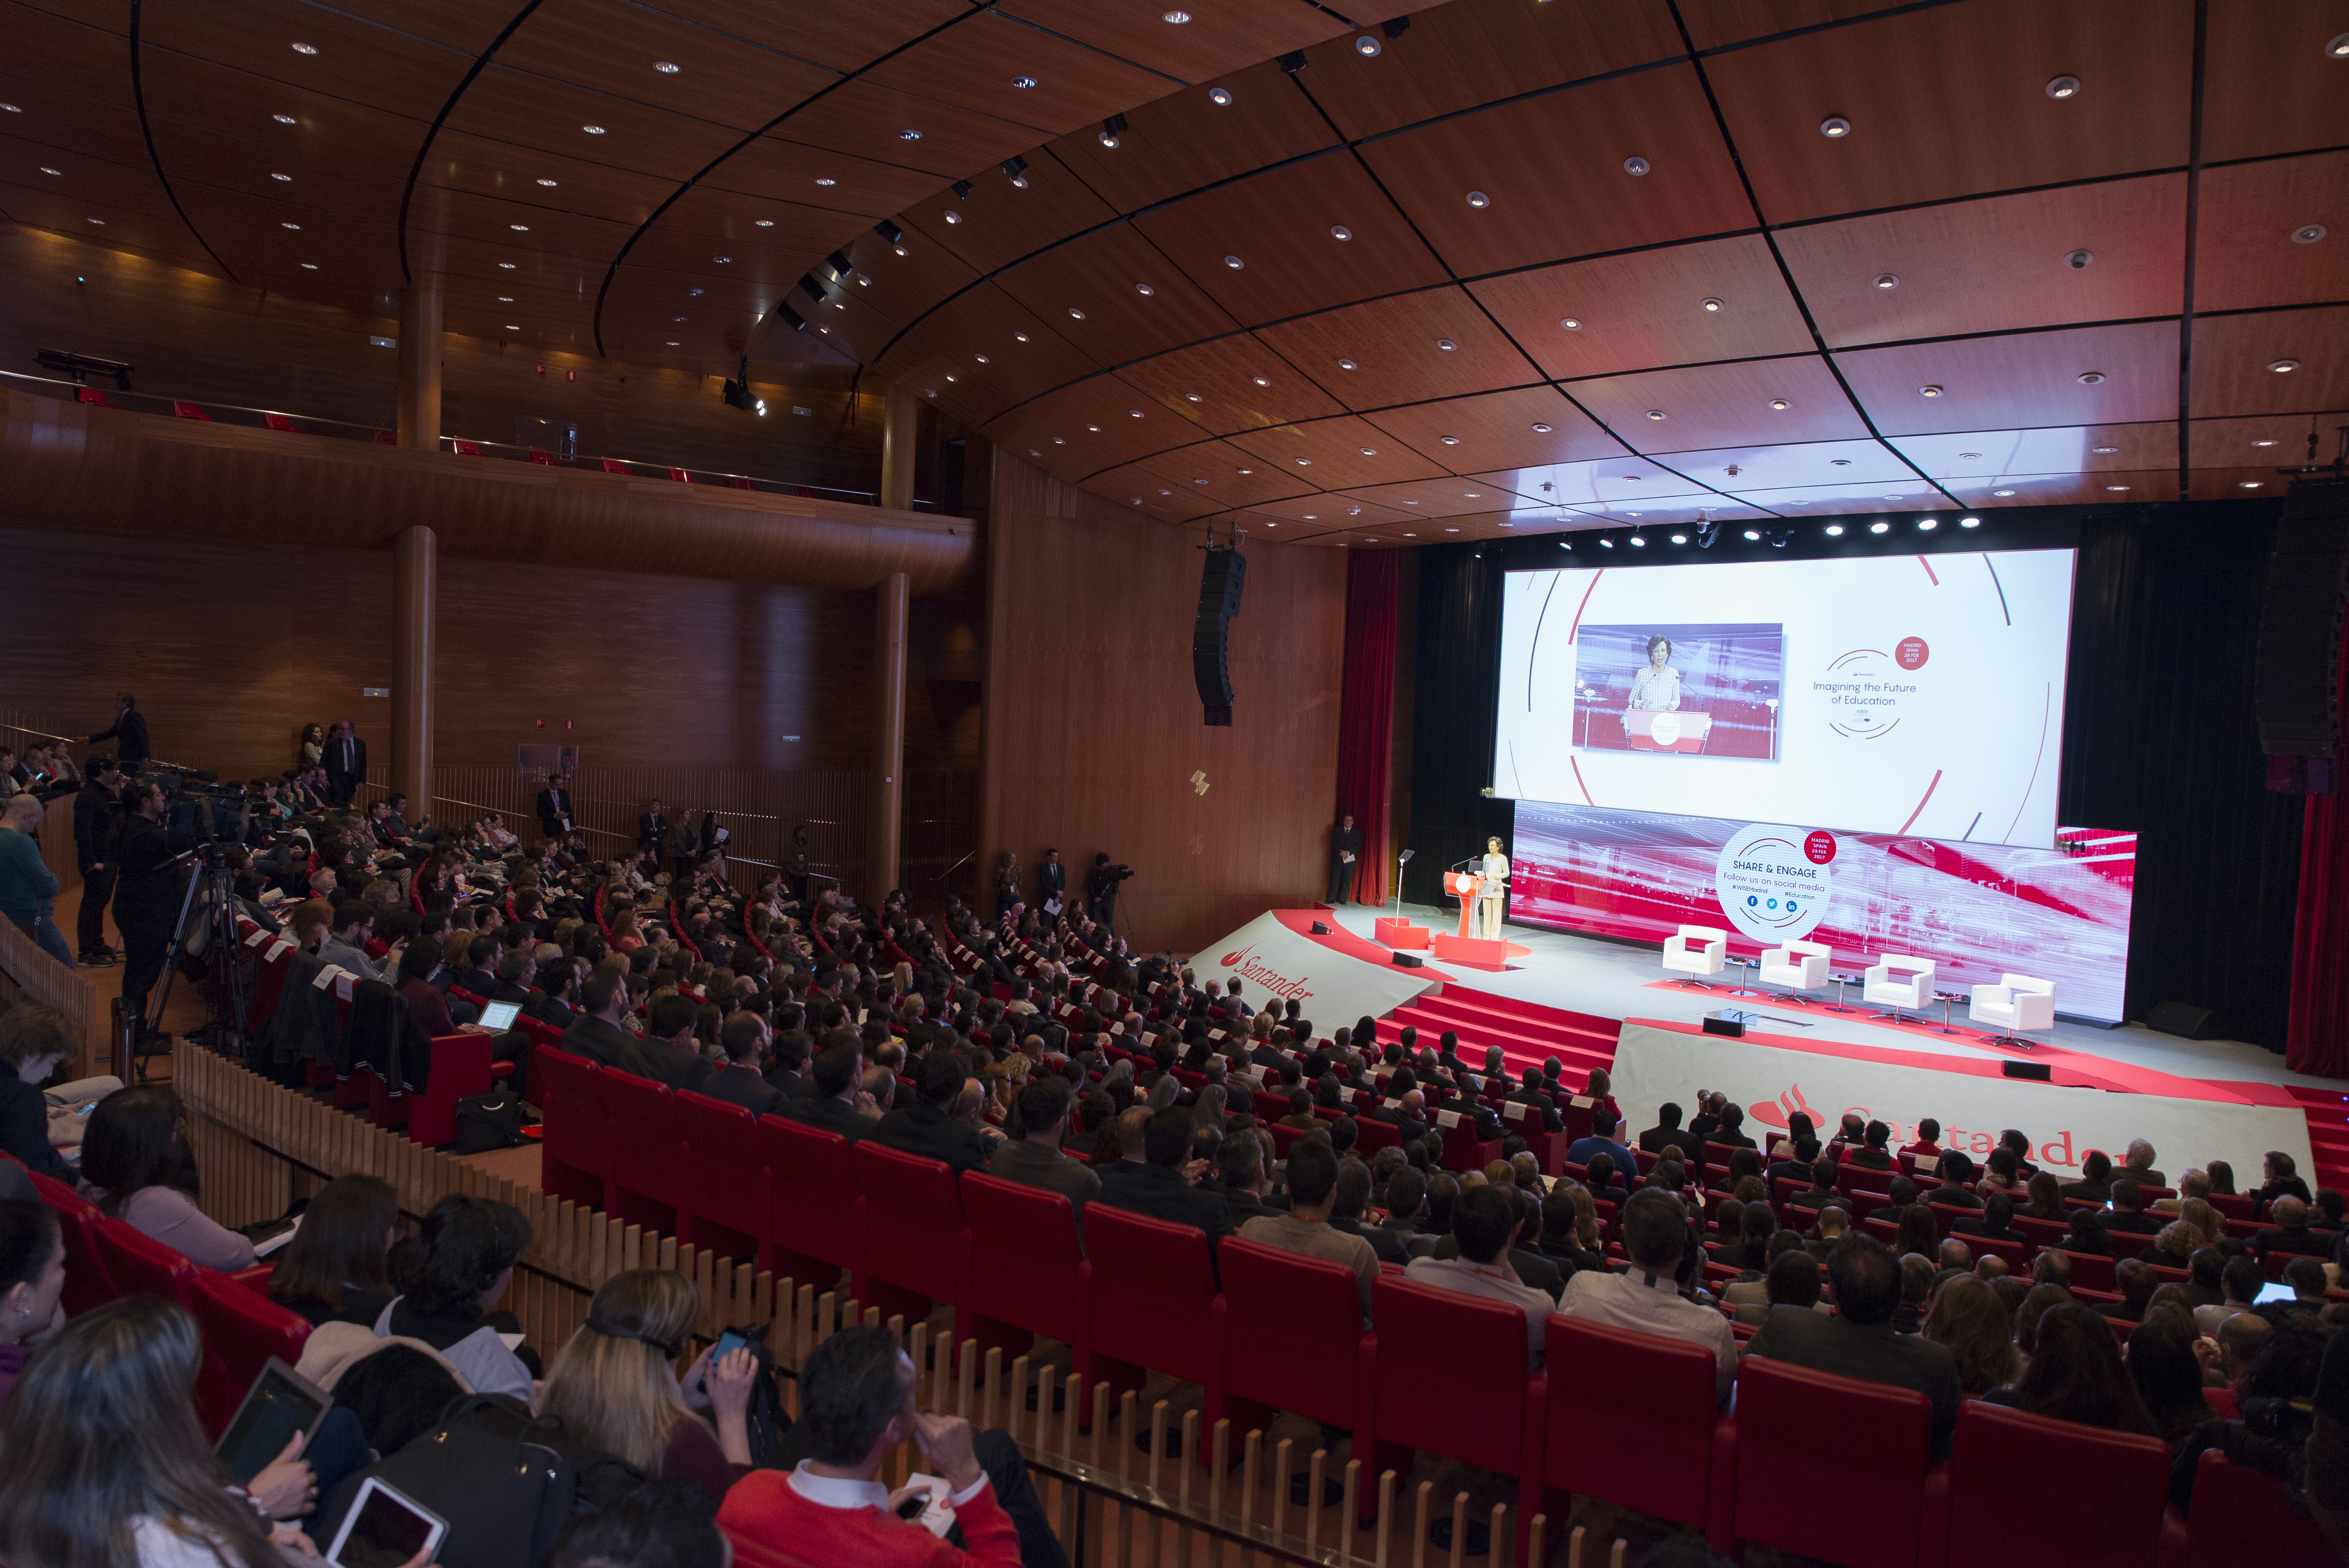 Fotografía  Acto Banco Santander Educación © Jorge Zorrilla Fotógrafo Madrid